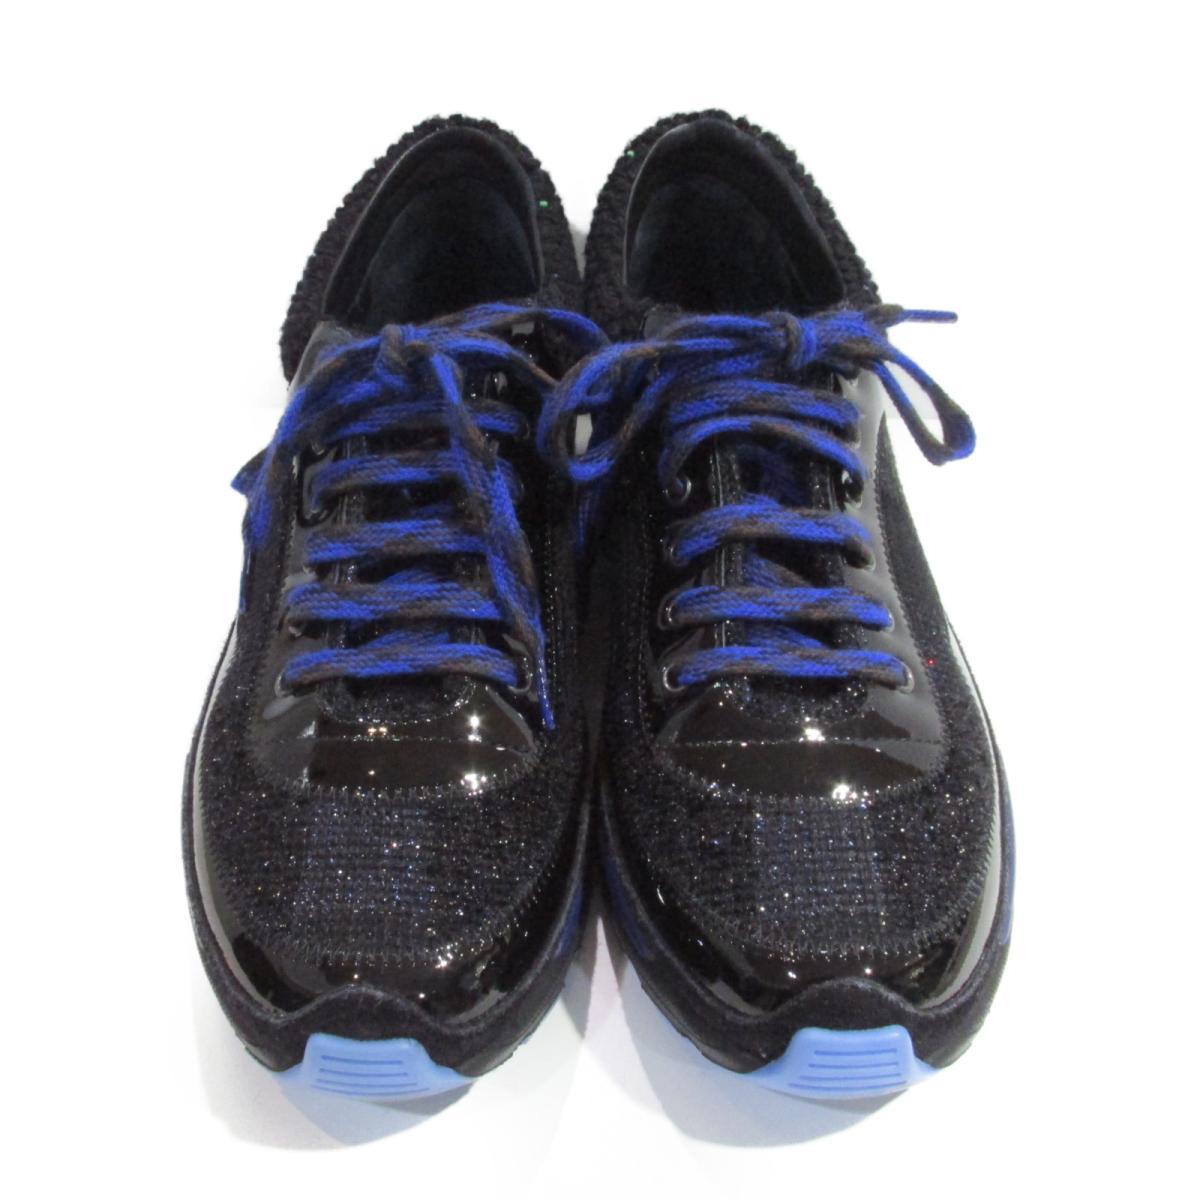 【中古】 シャネル スニーカー レディース エナメル x レザー x コットン ブラック x ネイビー (G30442)   CHANEL くつ 靴 スニーカー 美品 ブランドオフ